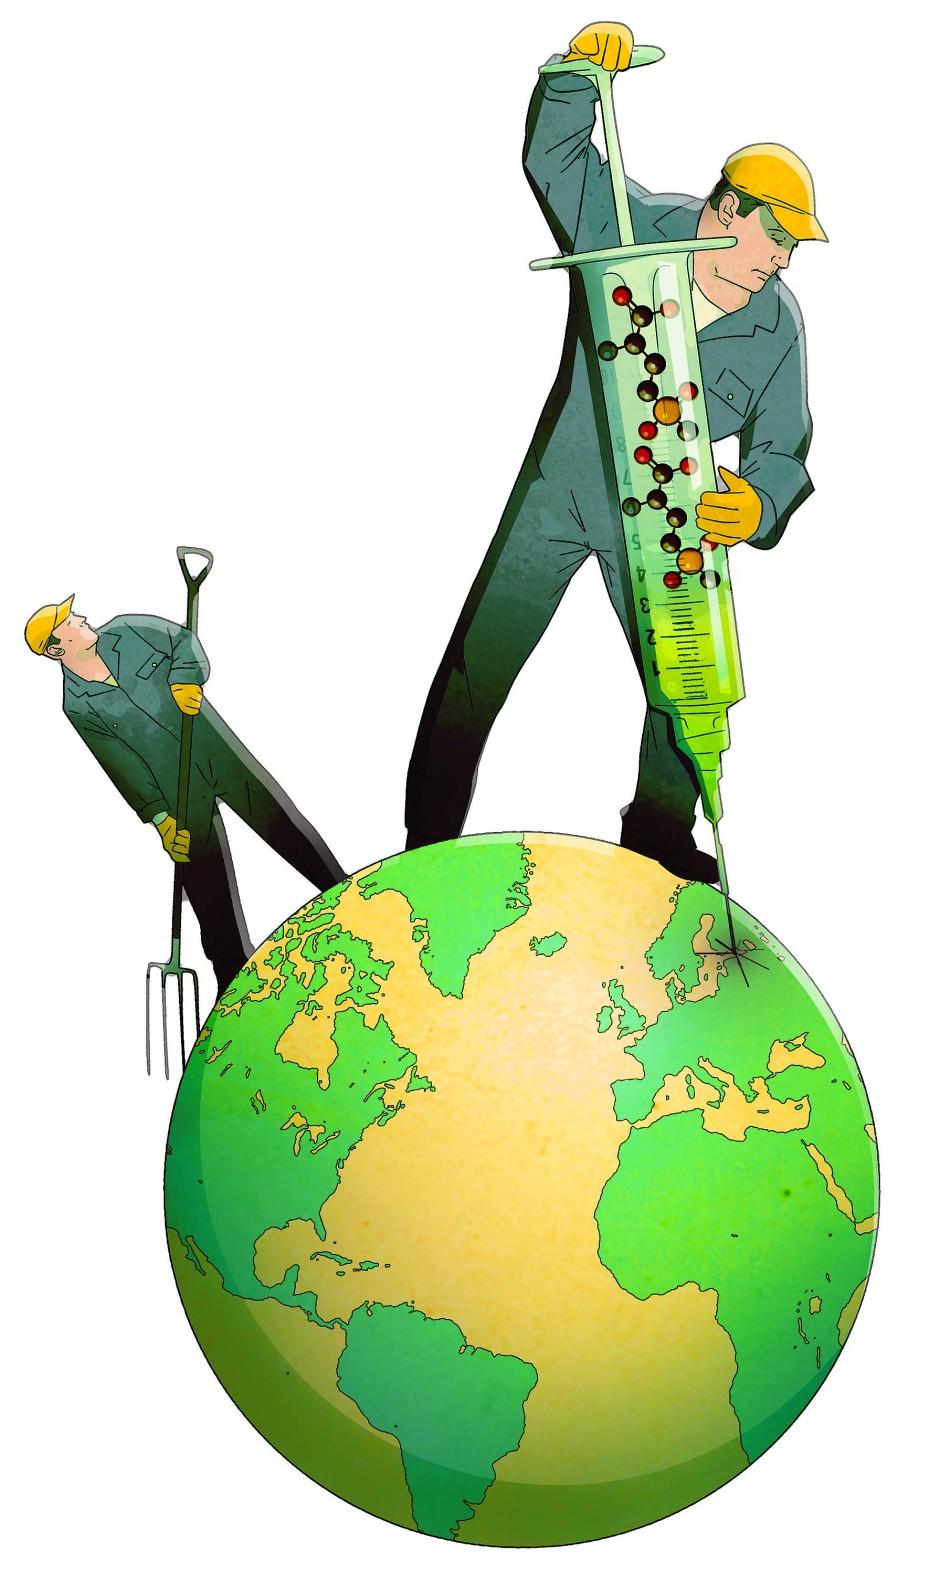 Der Planet wird gut versorgt, und sogar allzu gut.